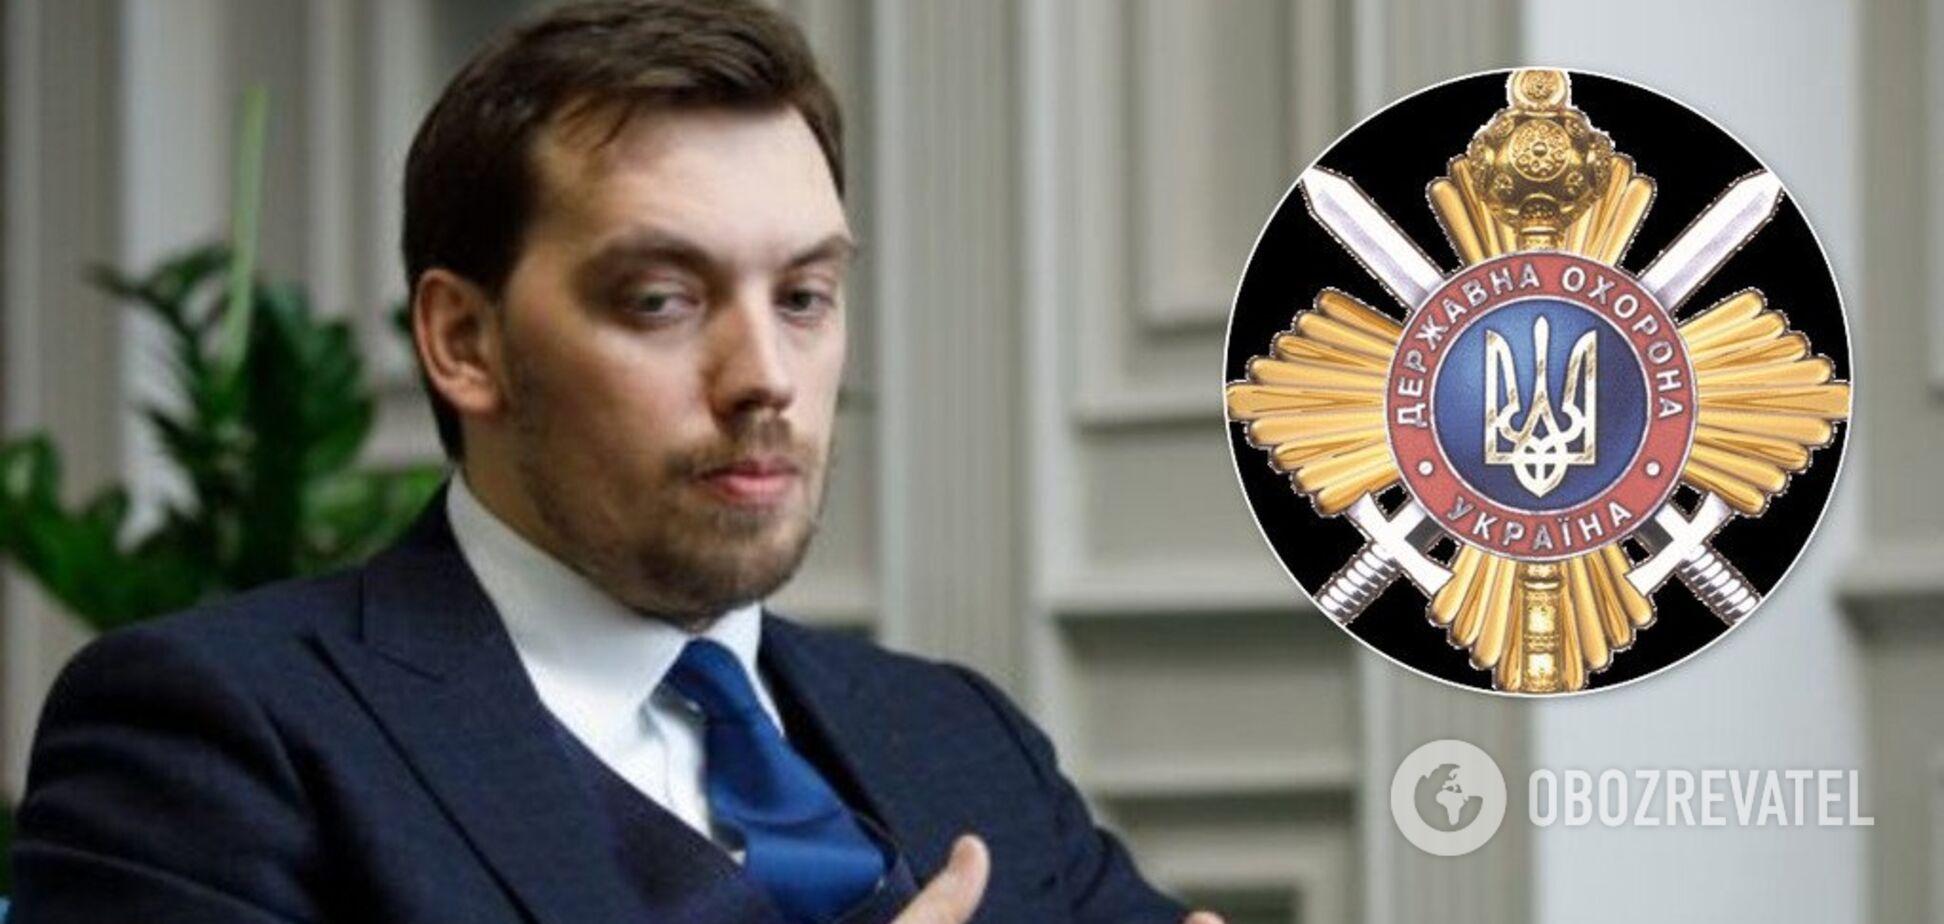 Прослуховування Гончарука: в УДО відповіли на скандальні звинувачення